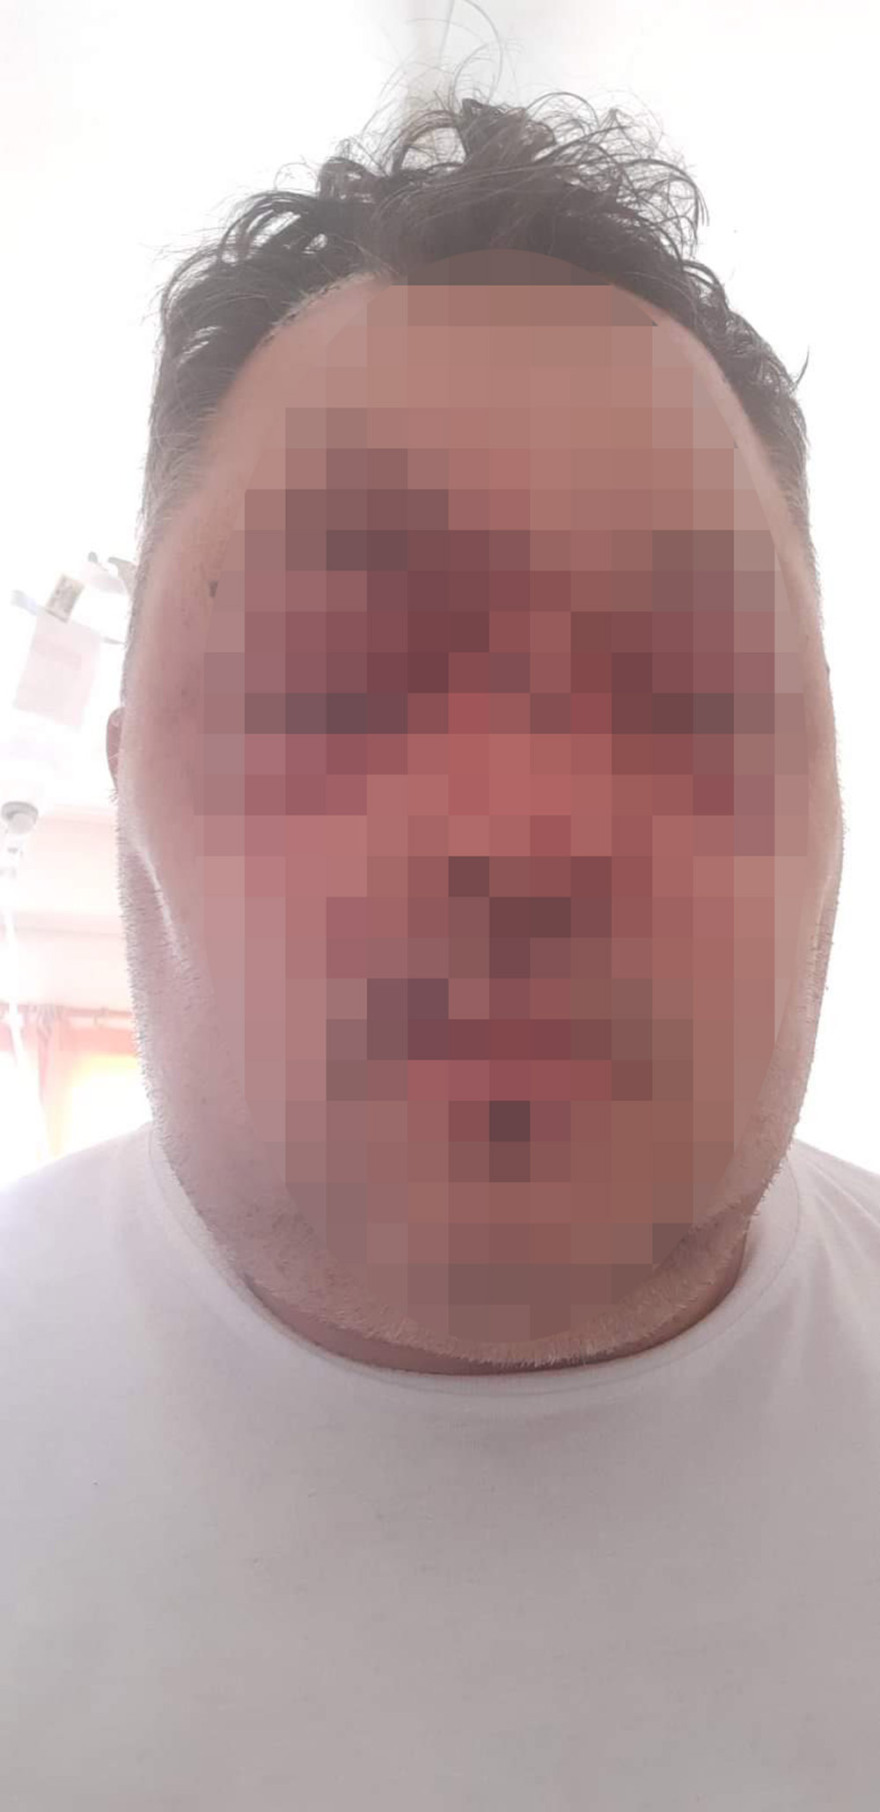 Αλβανός αγρότης έσπασε στο ξύλο Έλληνα αστυνομικό.